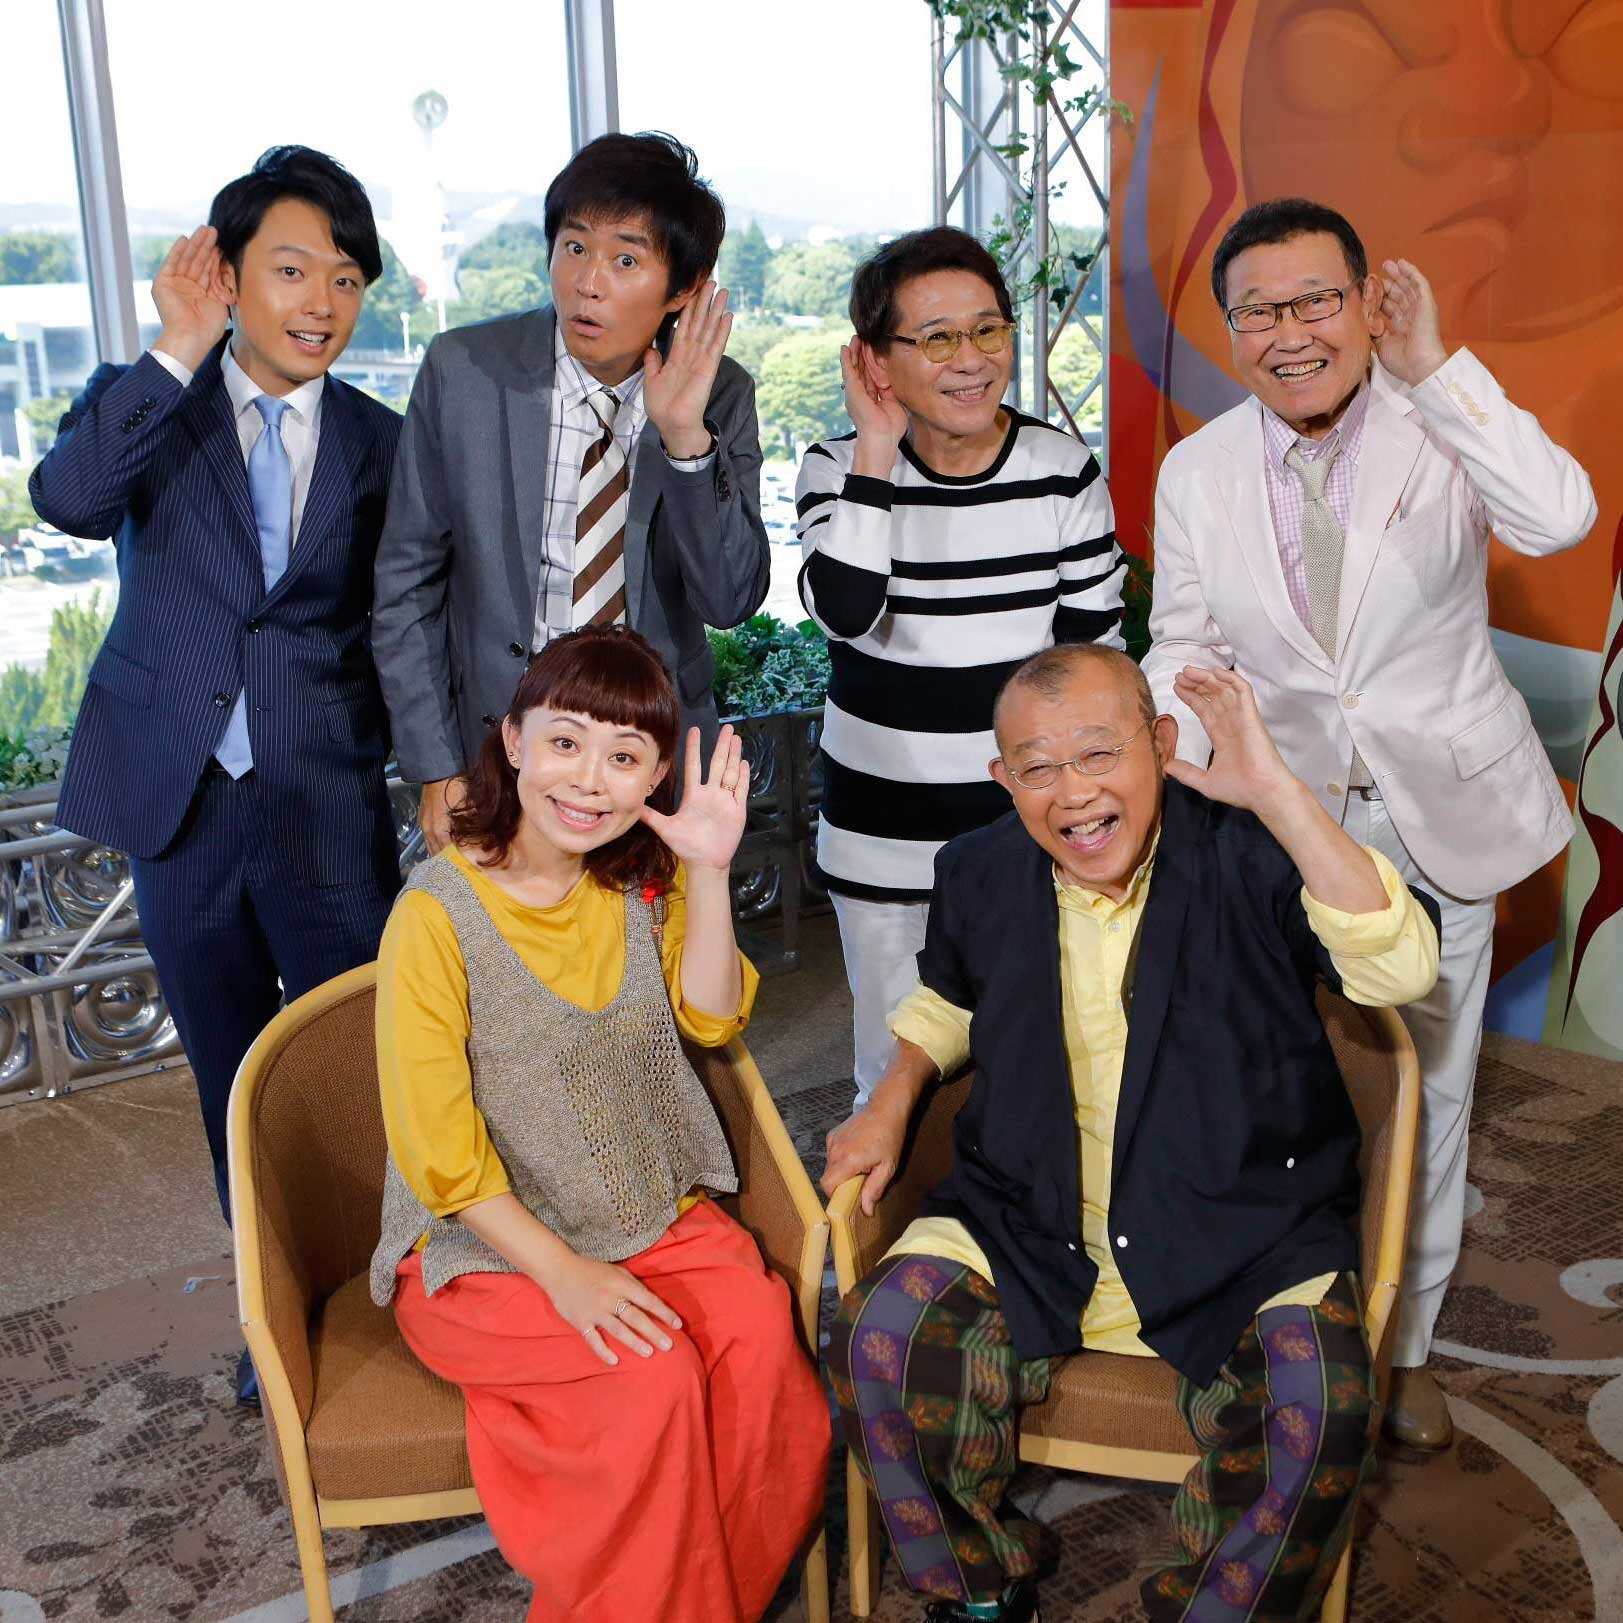 影山貴彦のテレビのホンネ。「15年ぶりの鶴瓶&なるみ レギュラー番組イケる!」